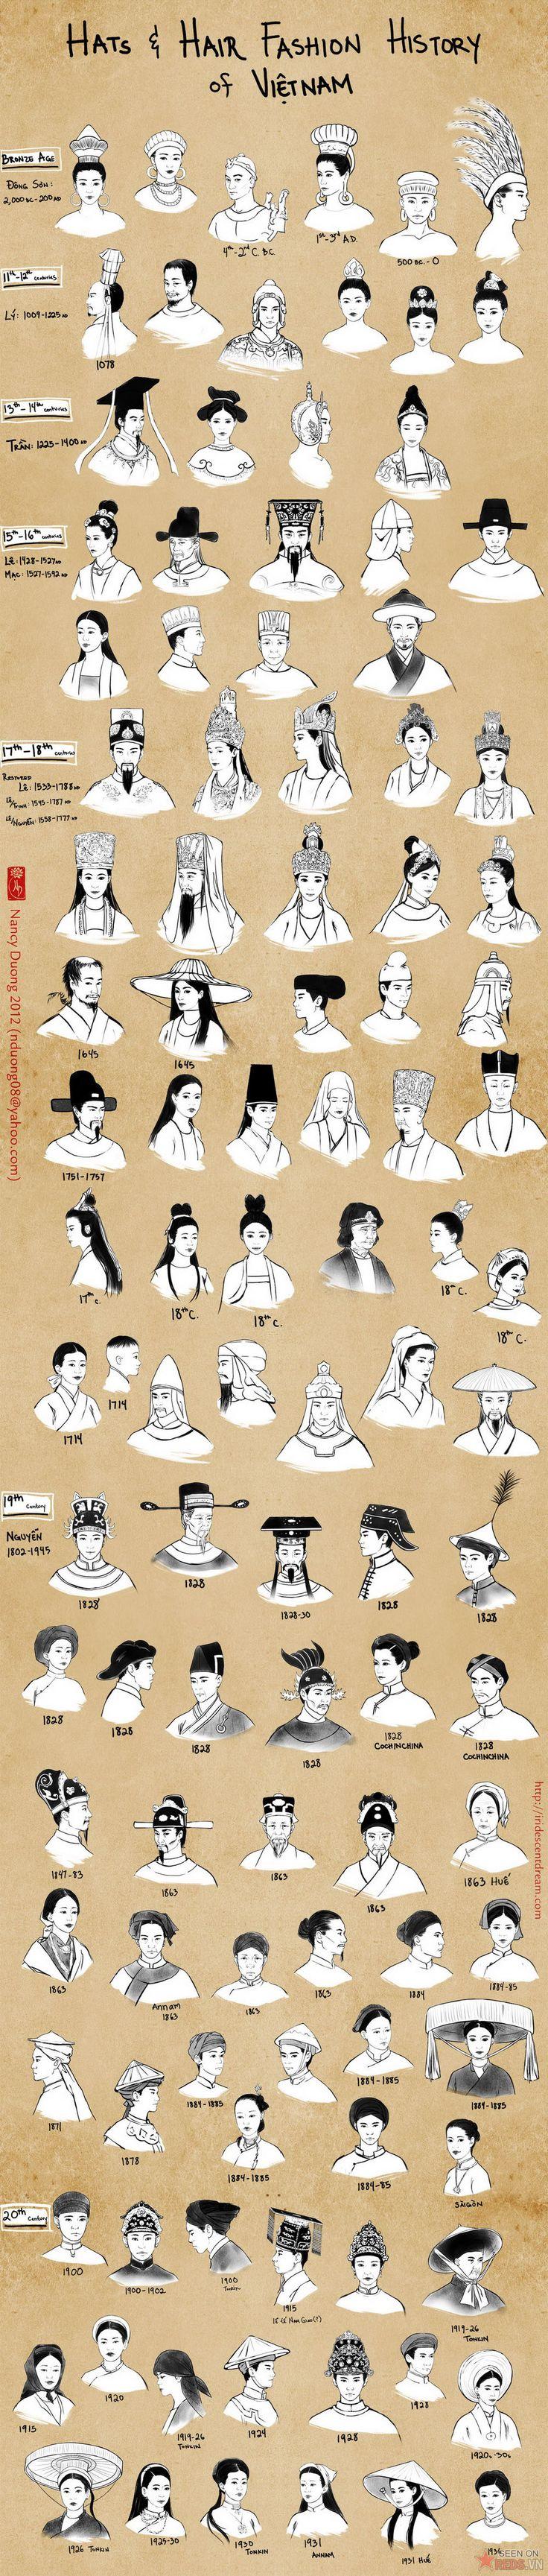 Les habits traditionnels du Viá ‡t Nam Quá 'c Phá ¥c